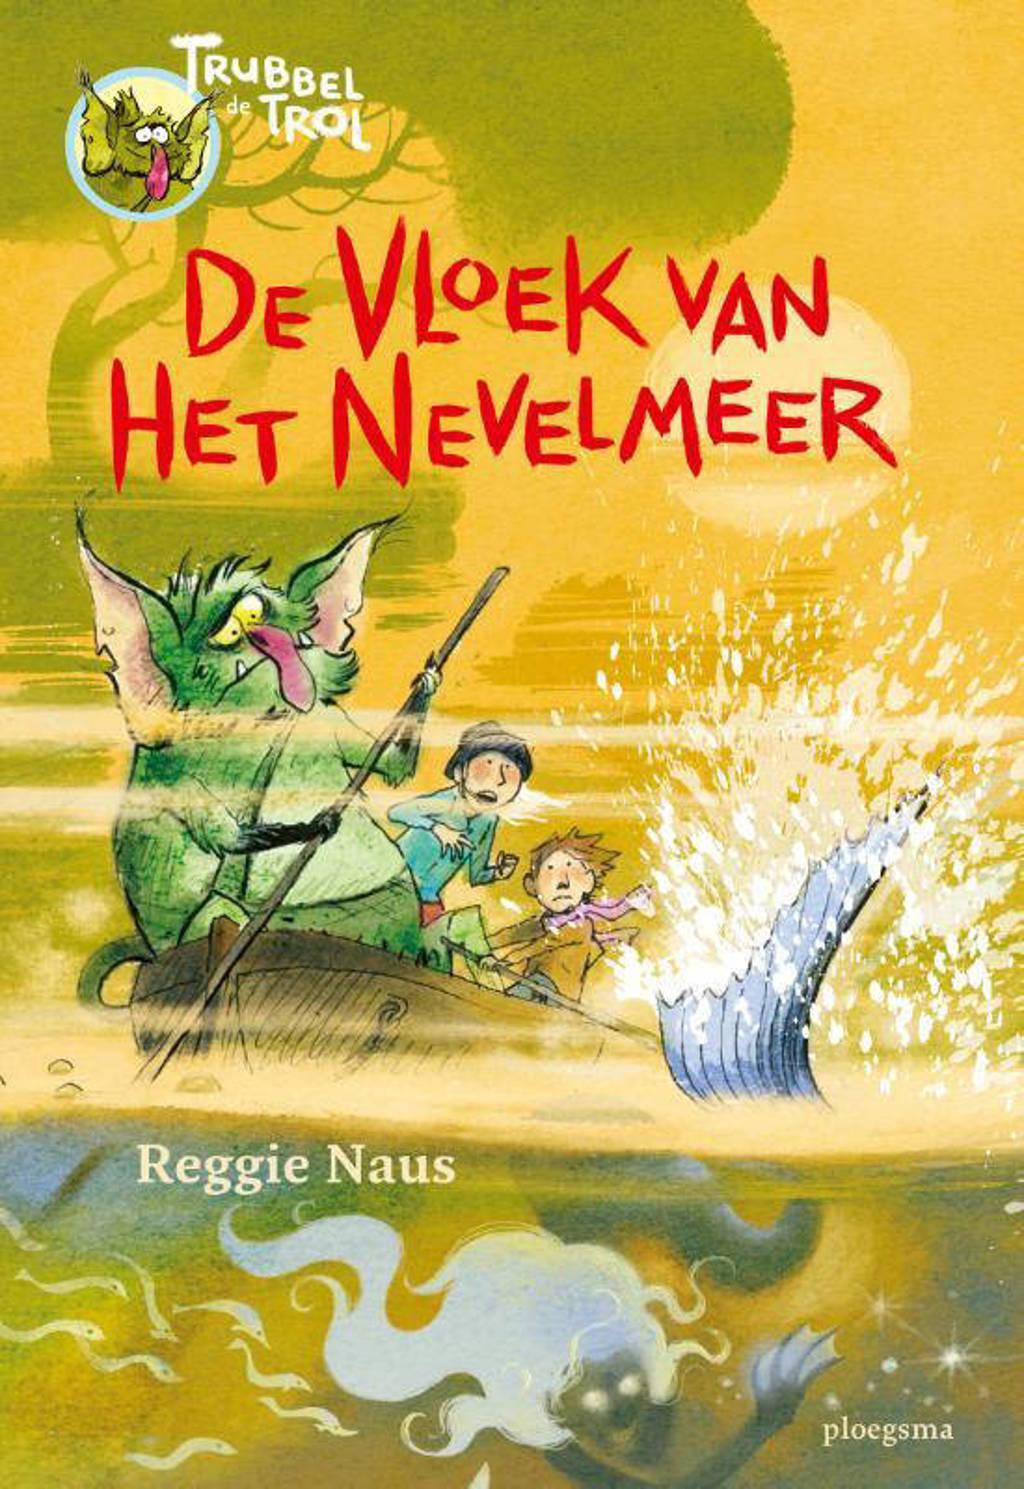 Trubbel de trol: De vloek van het Nevelmeer - Reggie Naus